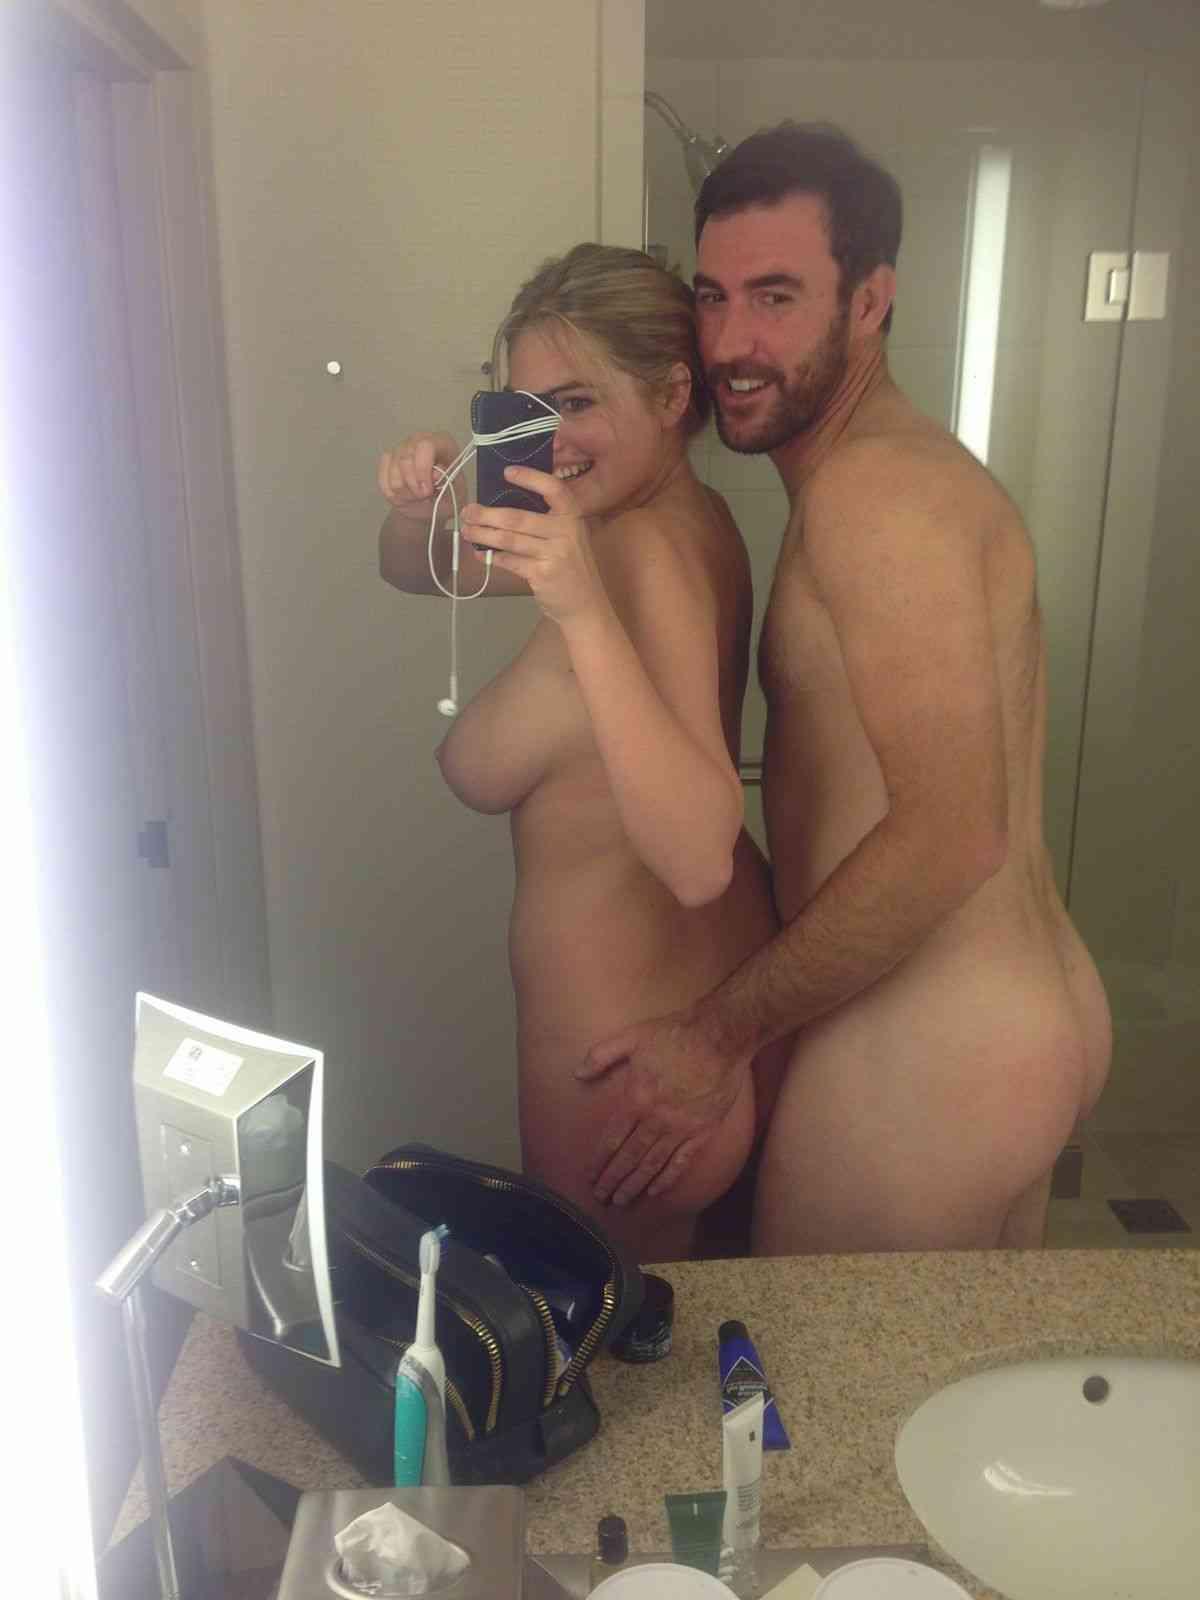 ジェニファー・ローレンス、裸写真のネット流出にメディア激震!